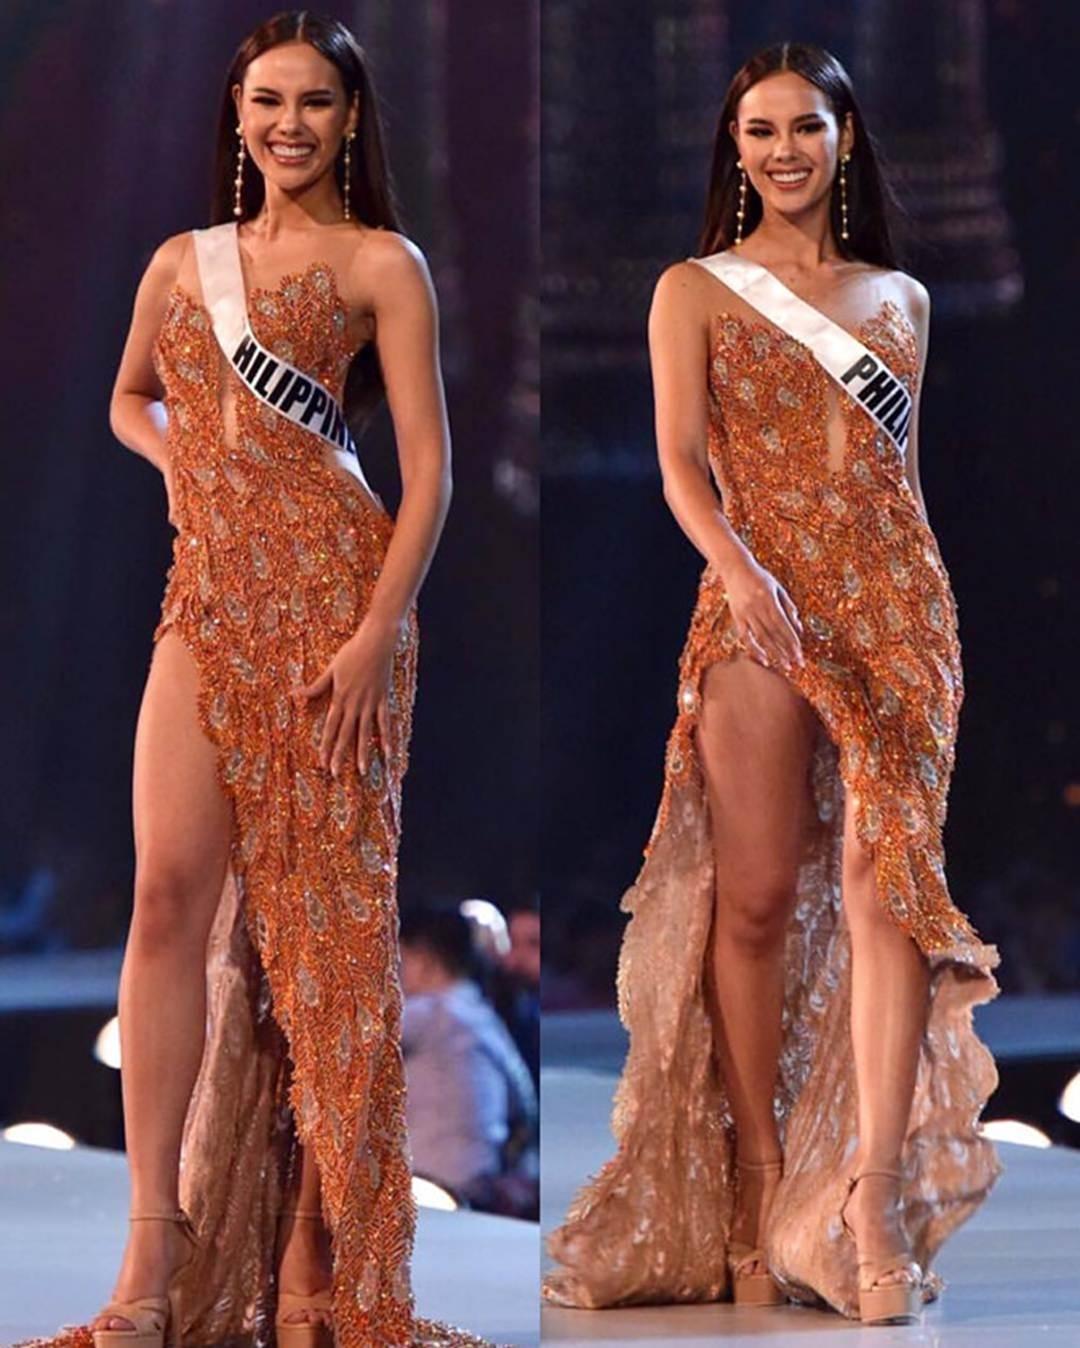 Nữ hoàng sắc đẹp Philippines đẹp lộng lẫy bất chấp vòng eo kém thon-7